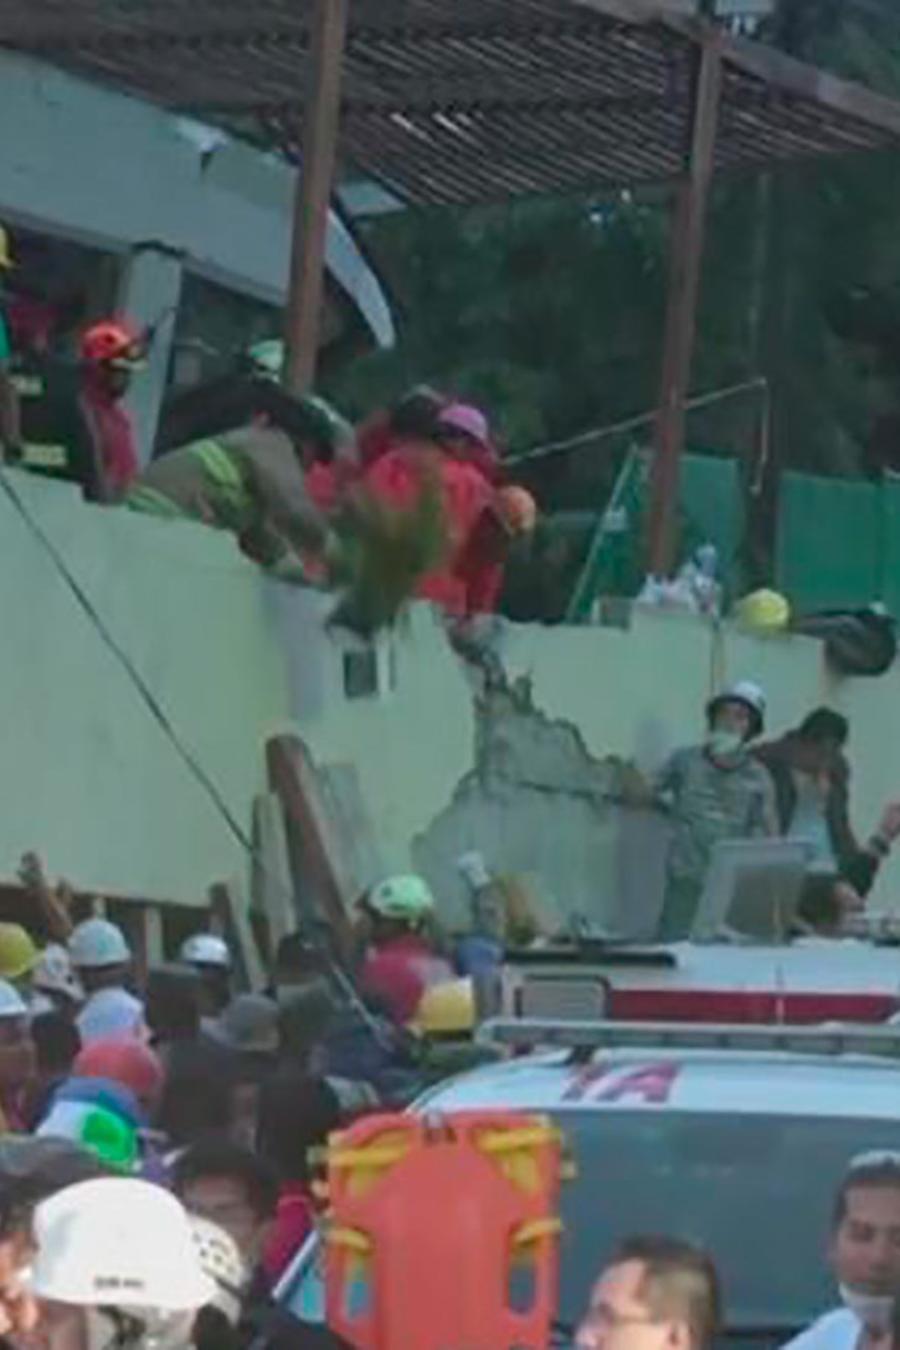 Un devastador sismo de 7.1 grados golpeó México y dejó al menos 246 muertos